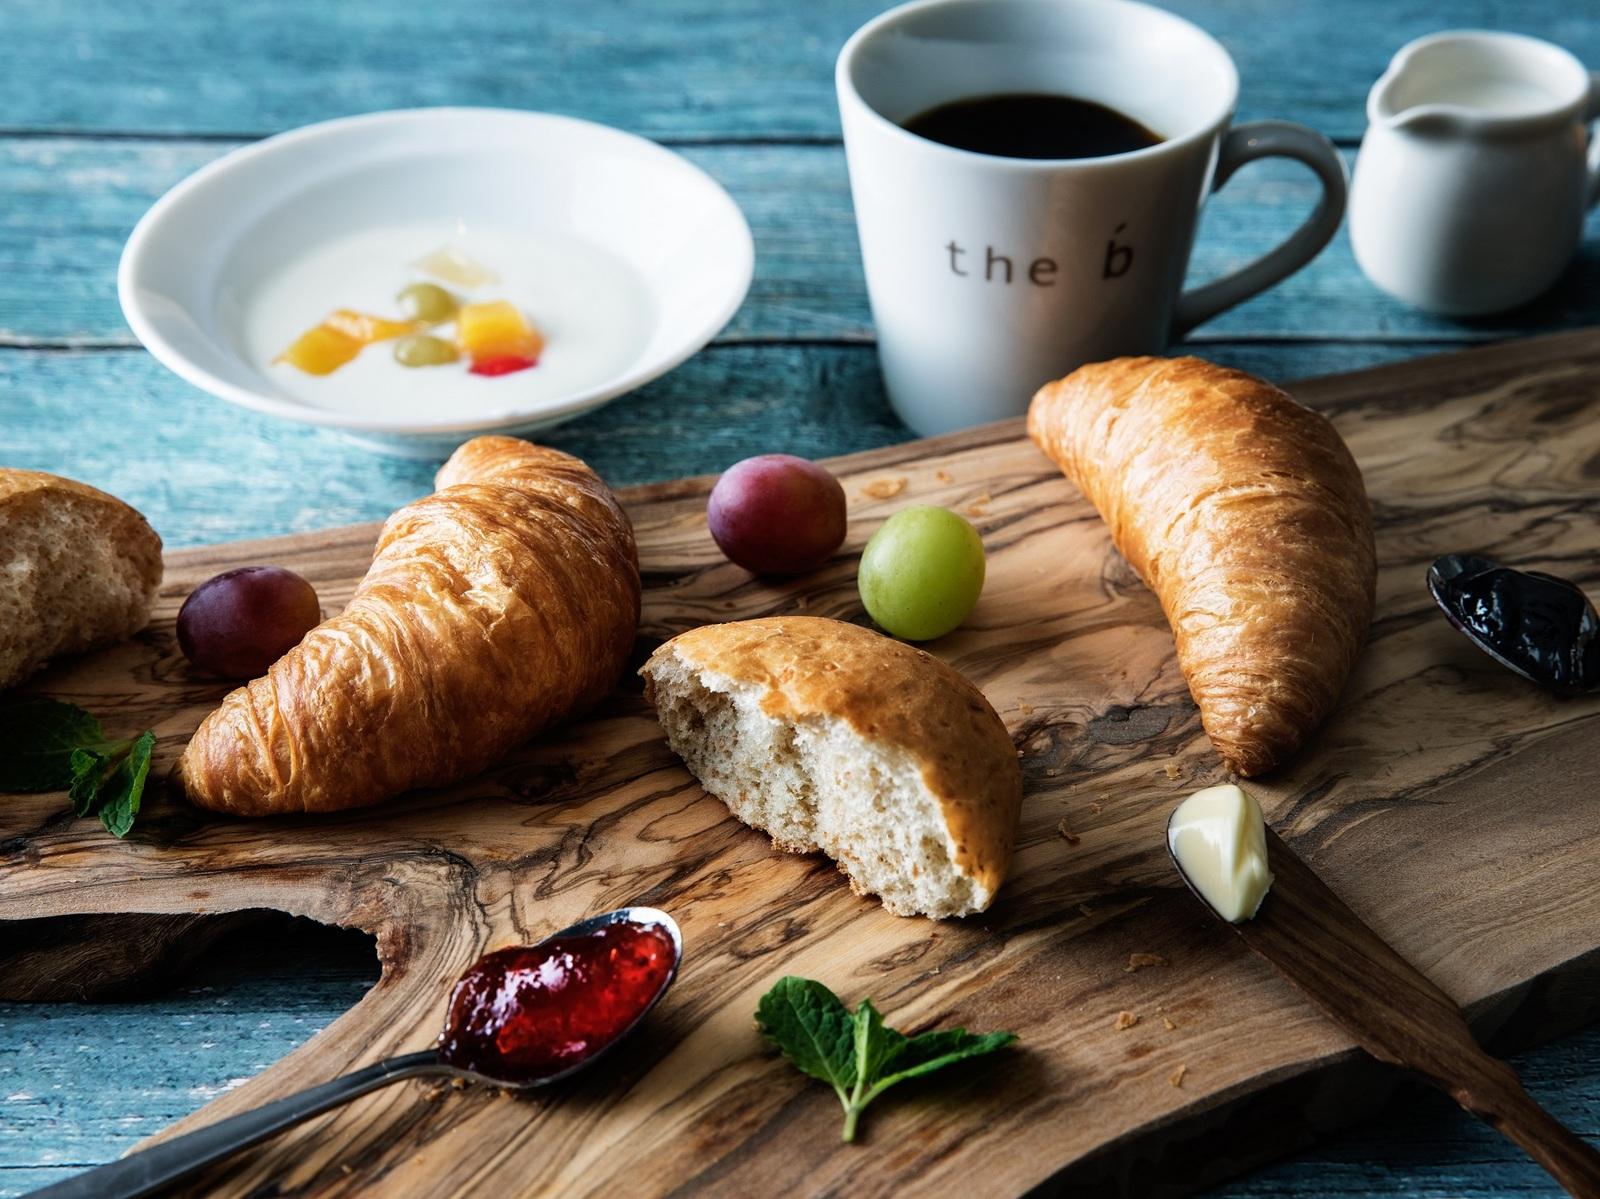 the b お茶の水 【航空券付】【スタンダードプラン】【朝食付】焼き立てパンの朝ごはん -PK